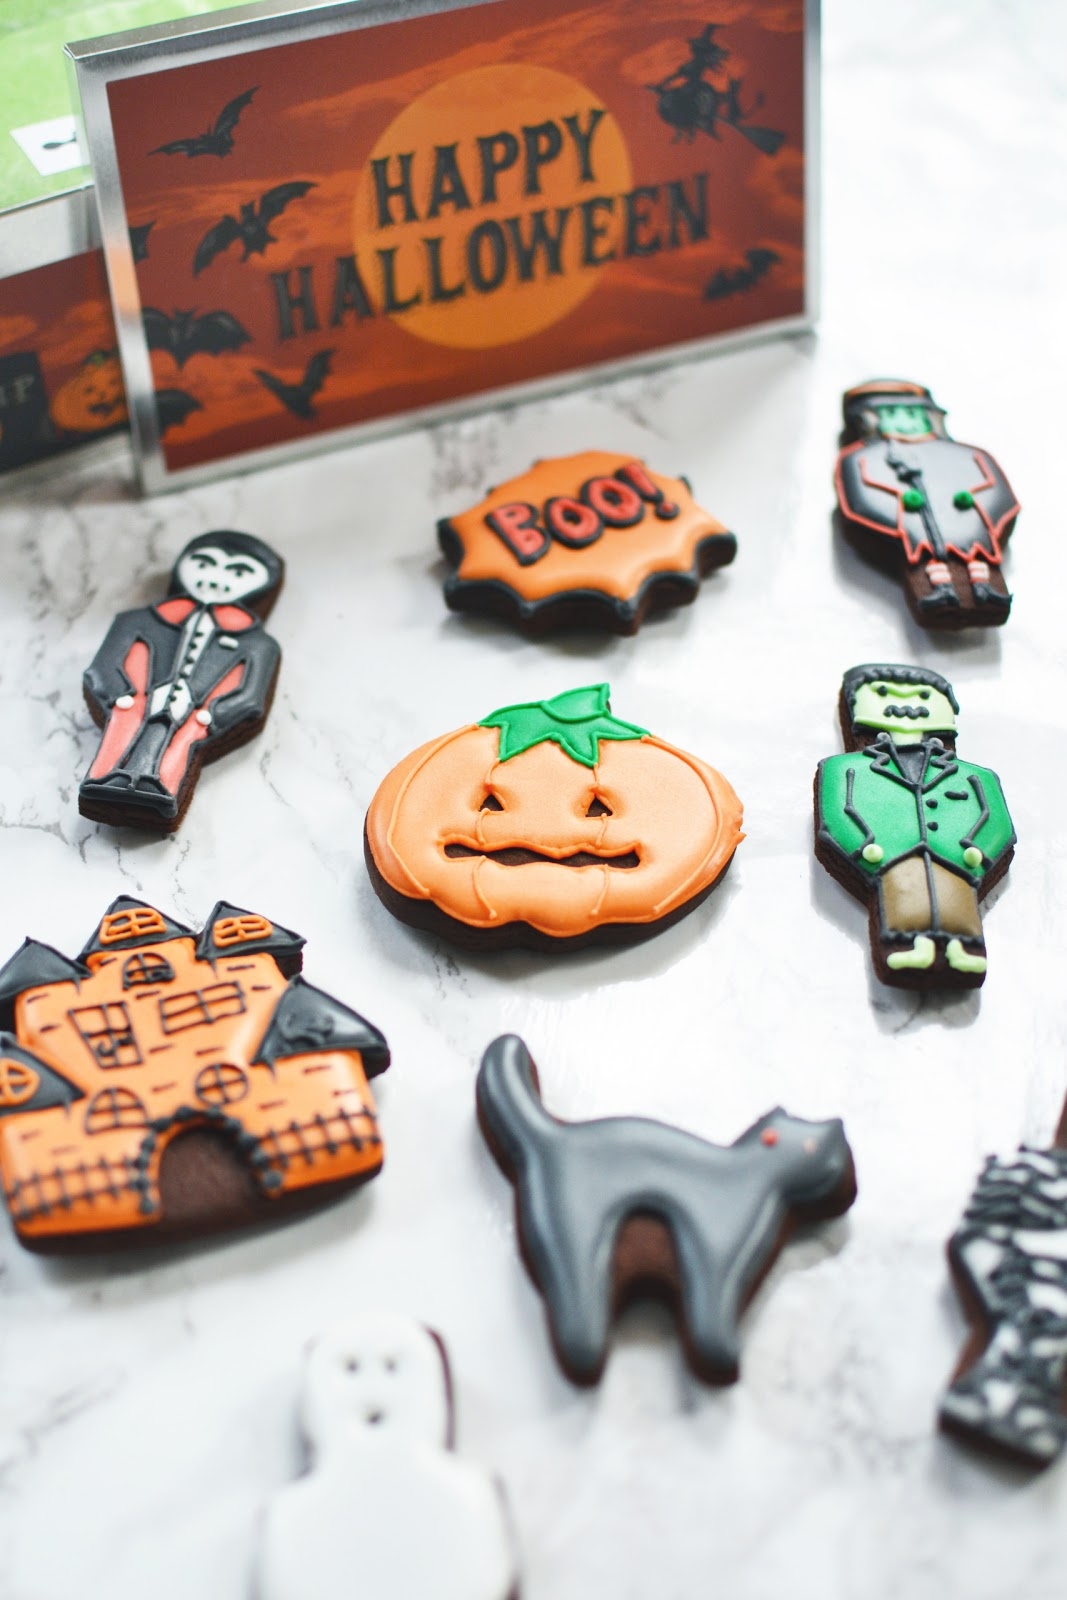 Halloween biscuits, ice biscuits from biscuiteers